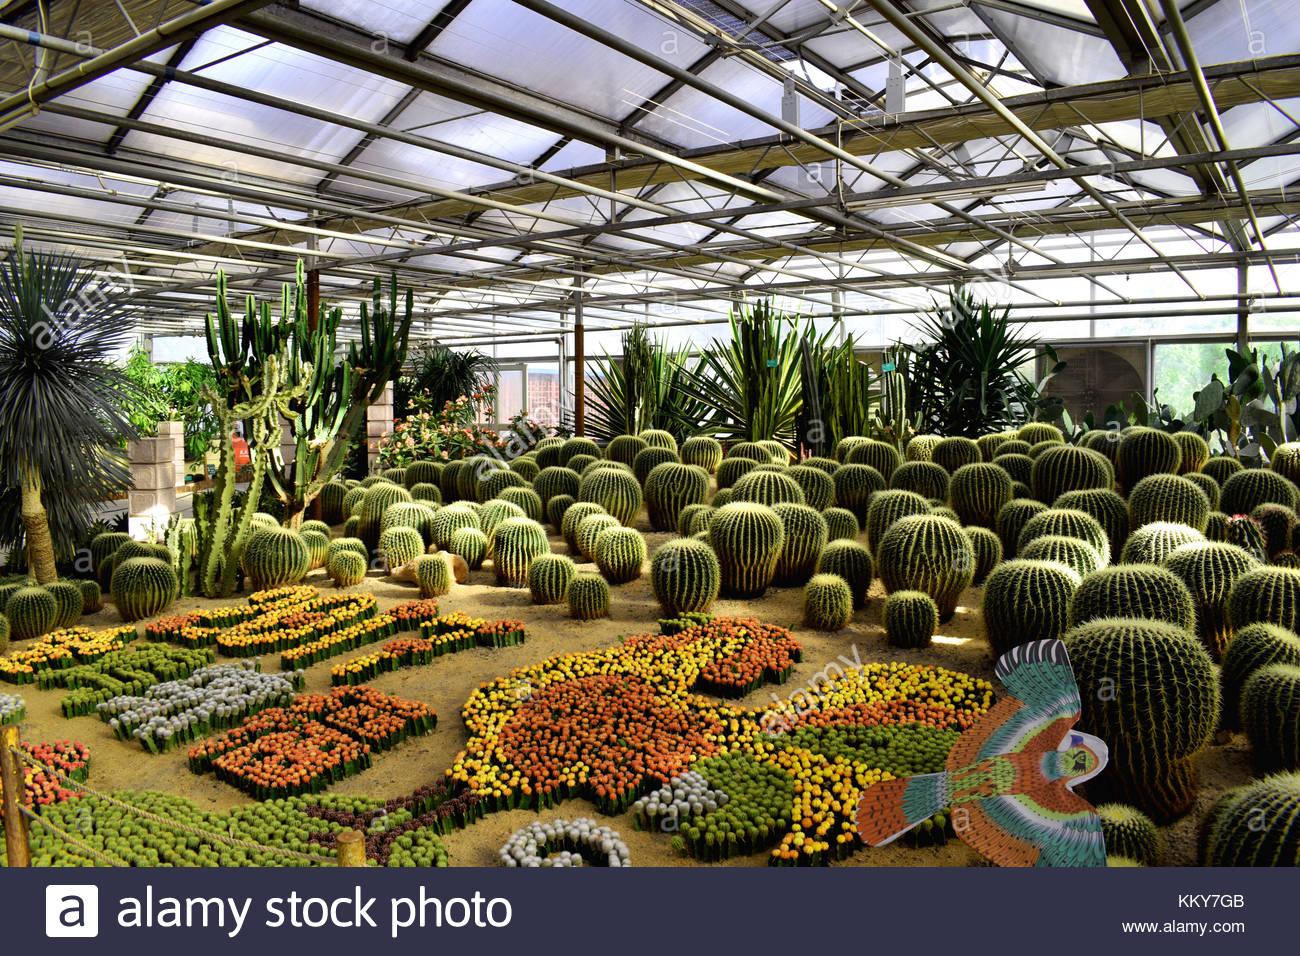 Kakteen Gewachshaus Close Up Stockfoto Bild 167170427 Alamy